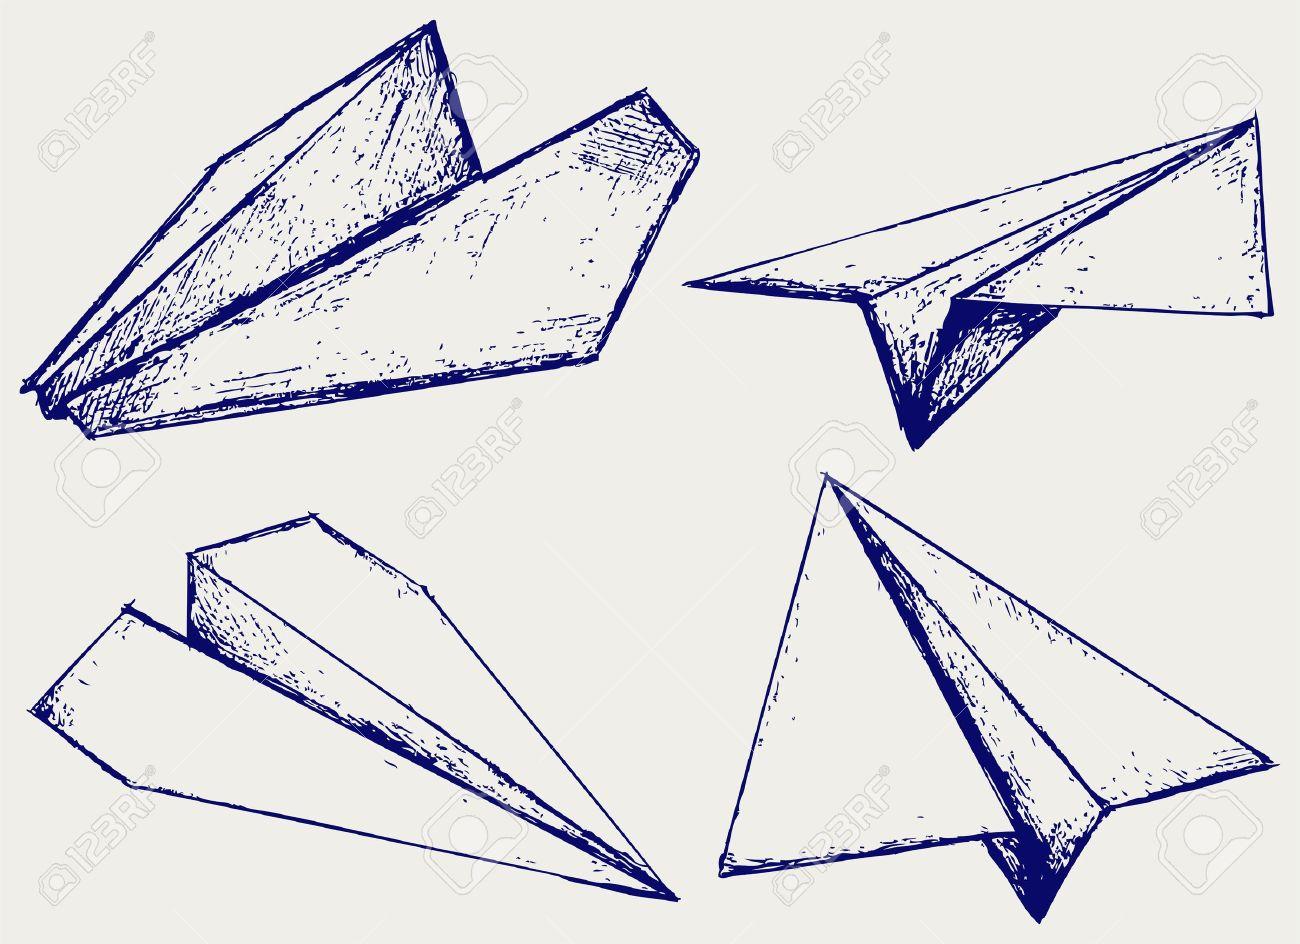 Paper planes. Sketch Stock Vector - 15832092